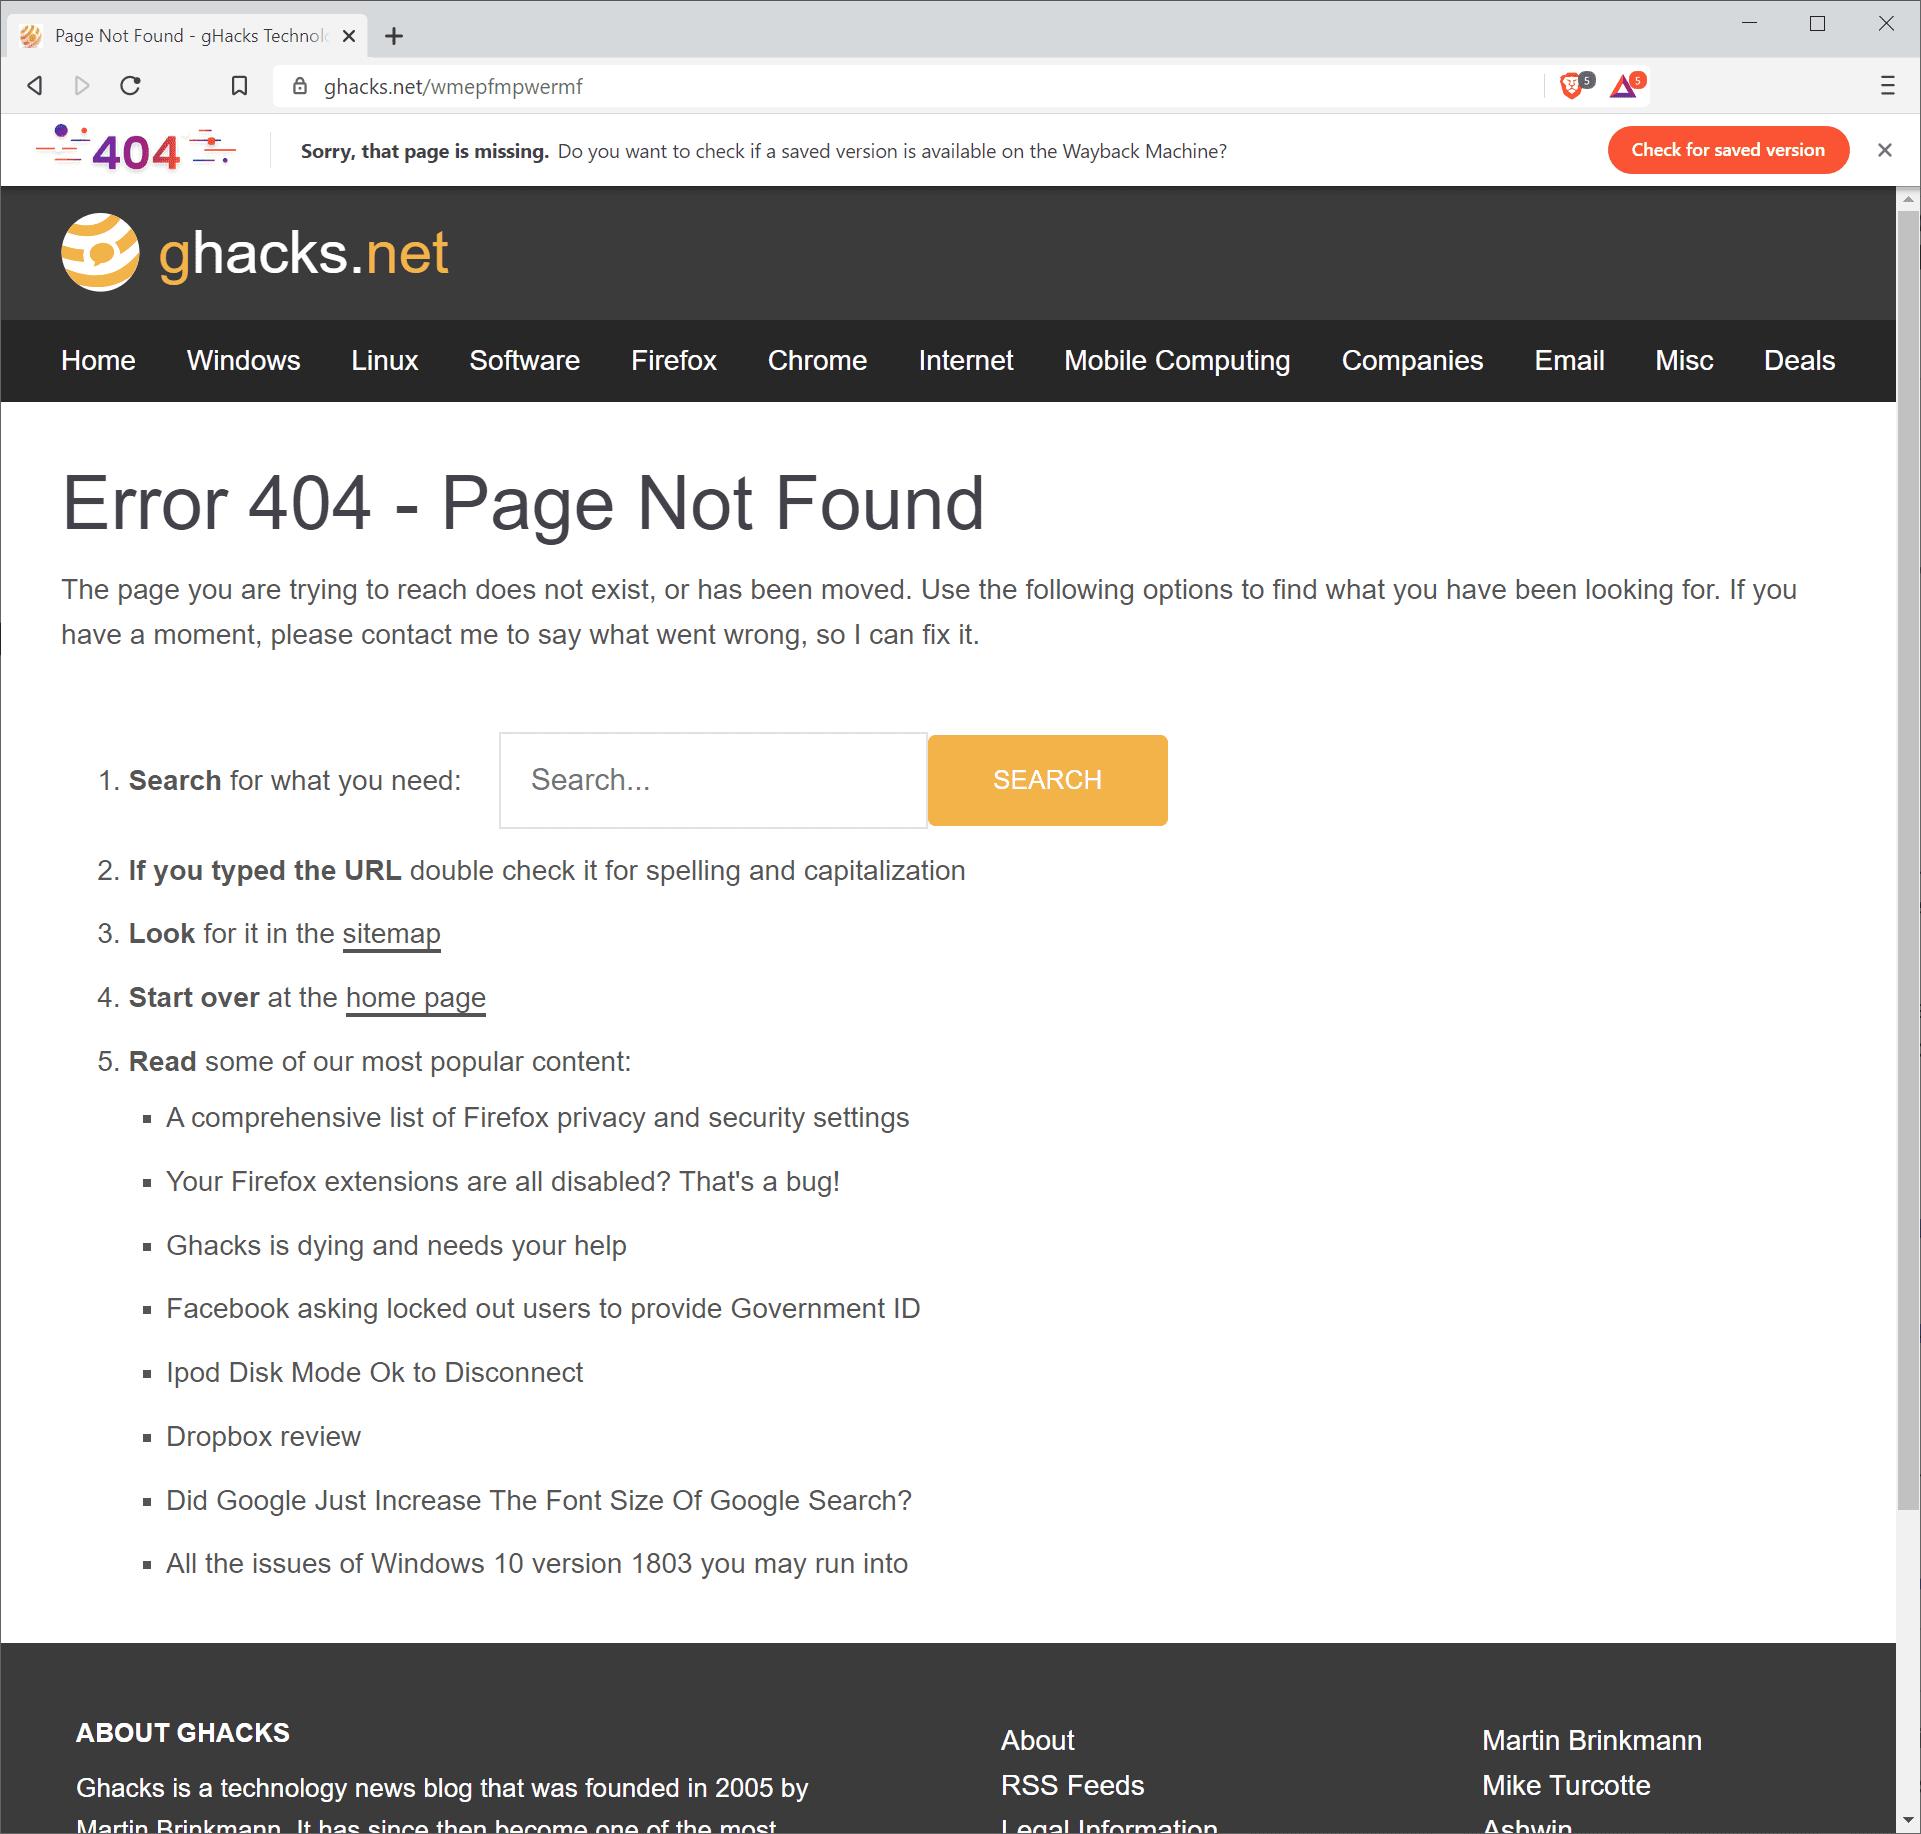 página valiente no encontrada restaurar